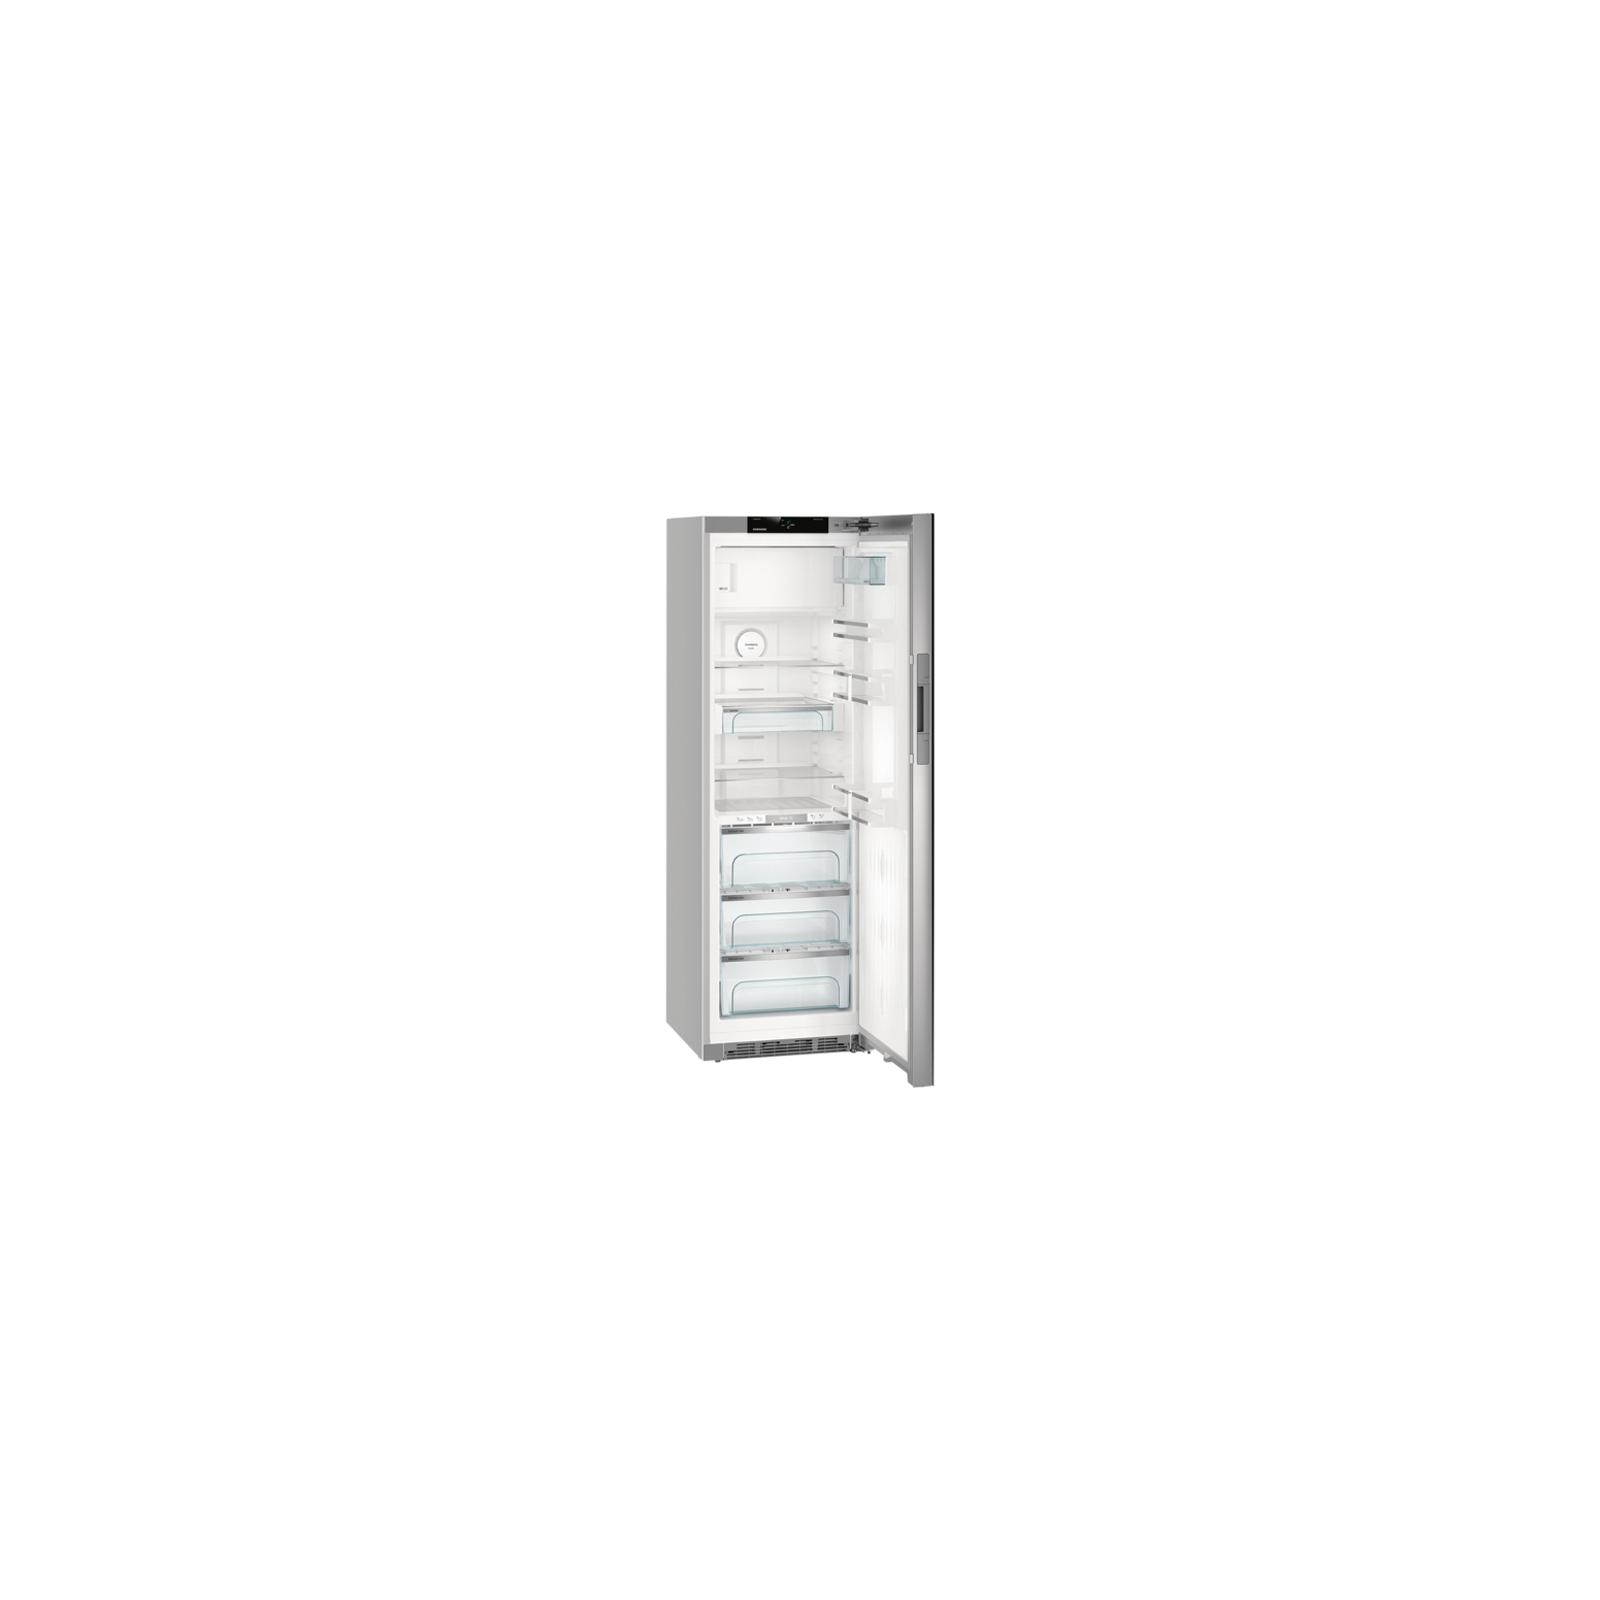 Холодильник Liebherr KBPgb 4354 изображение 3